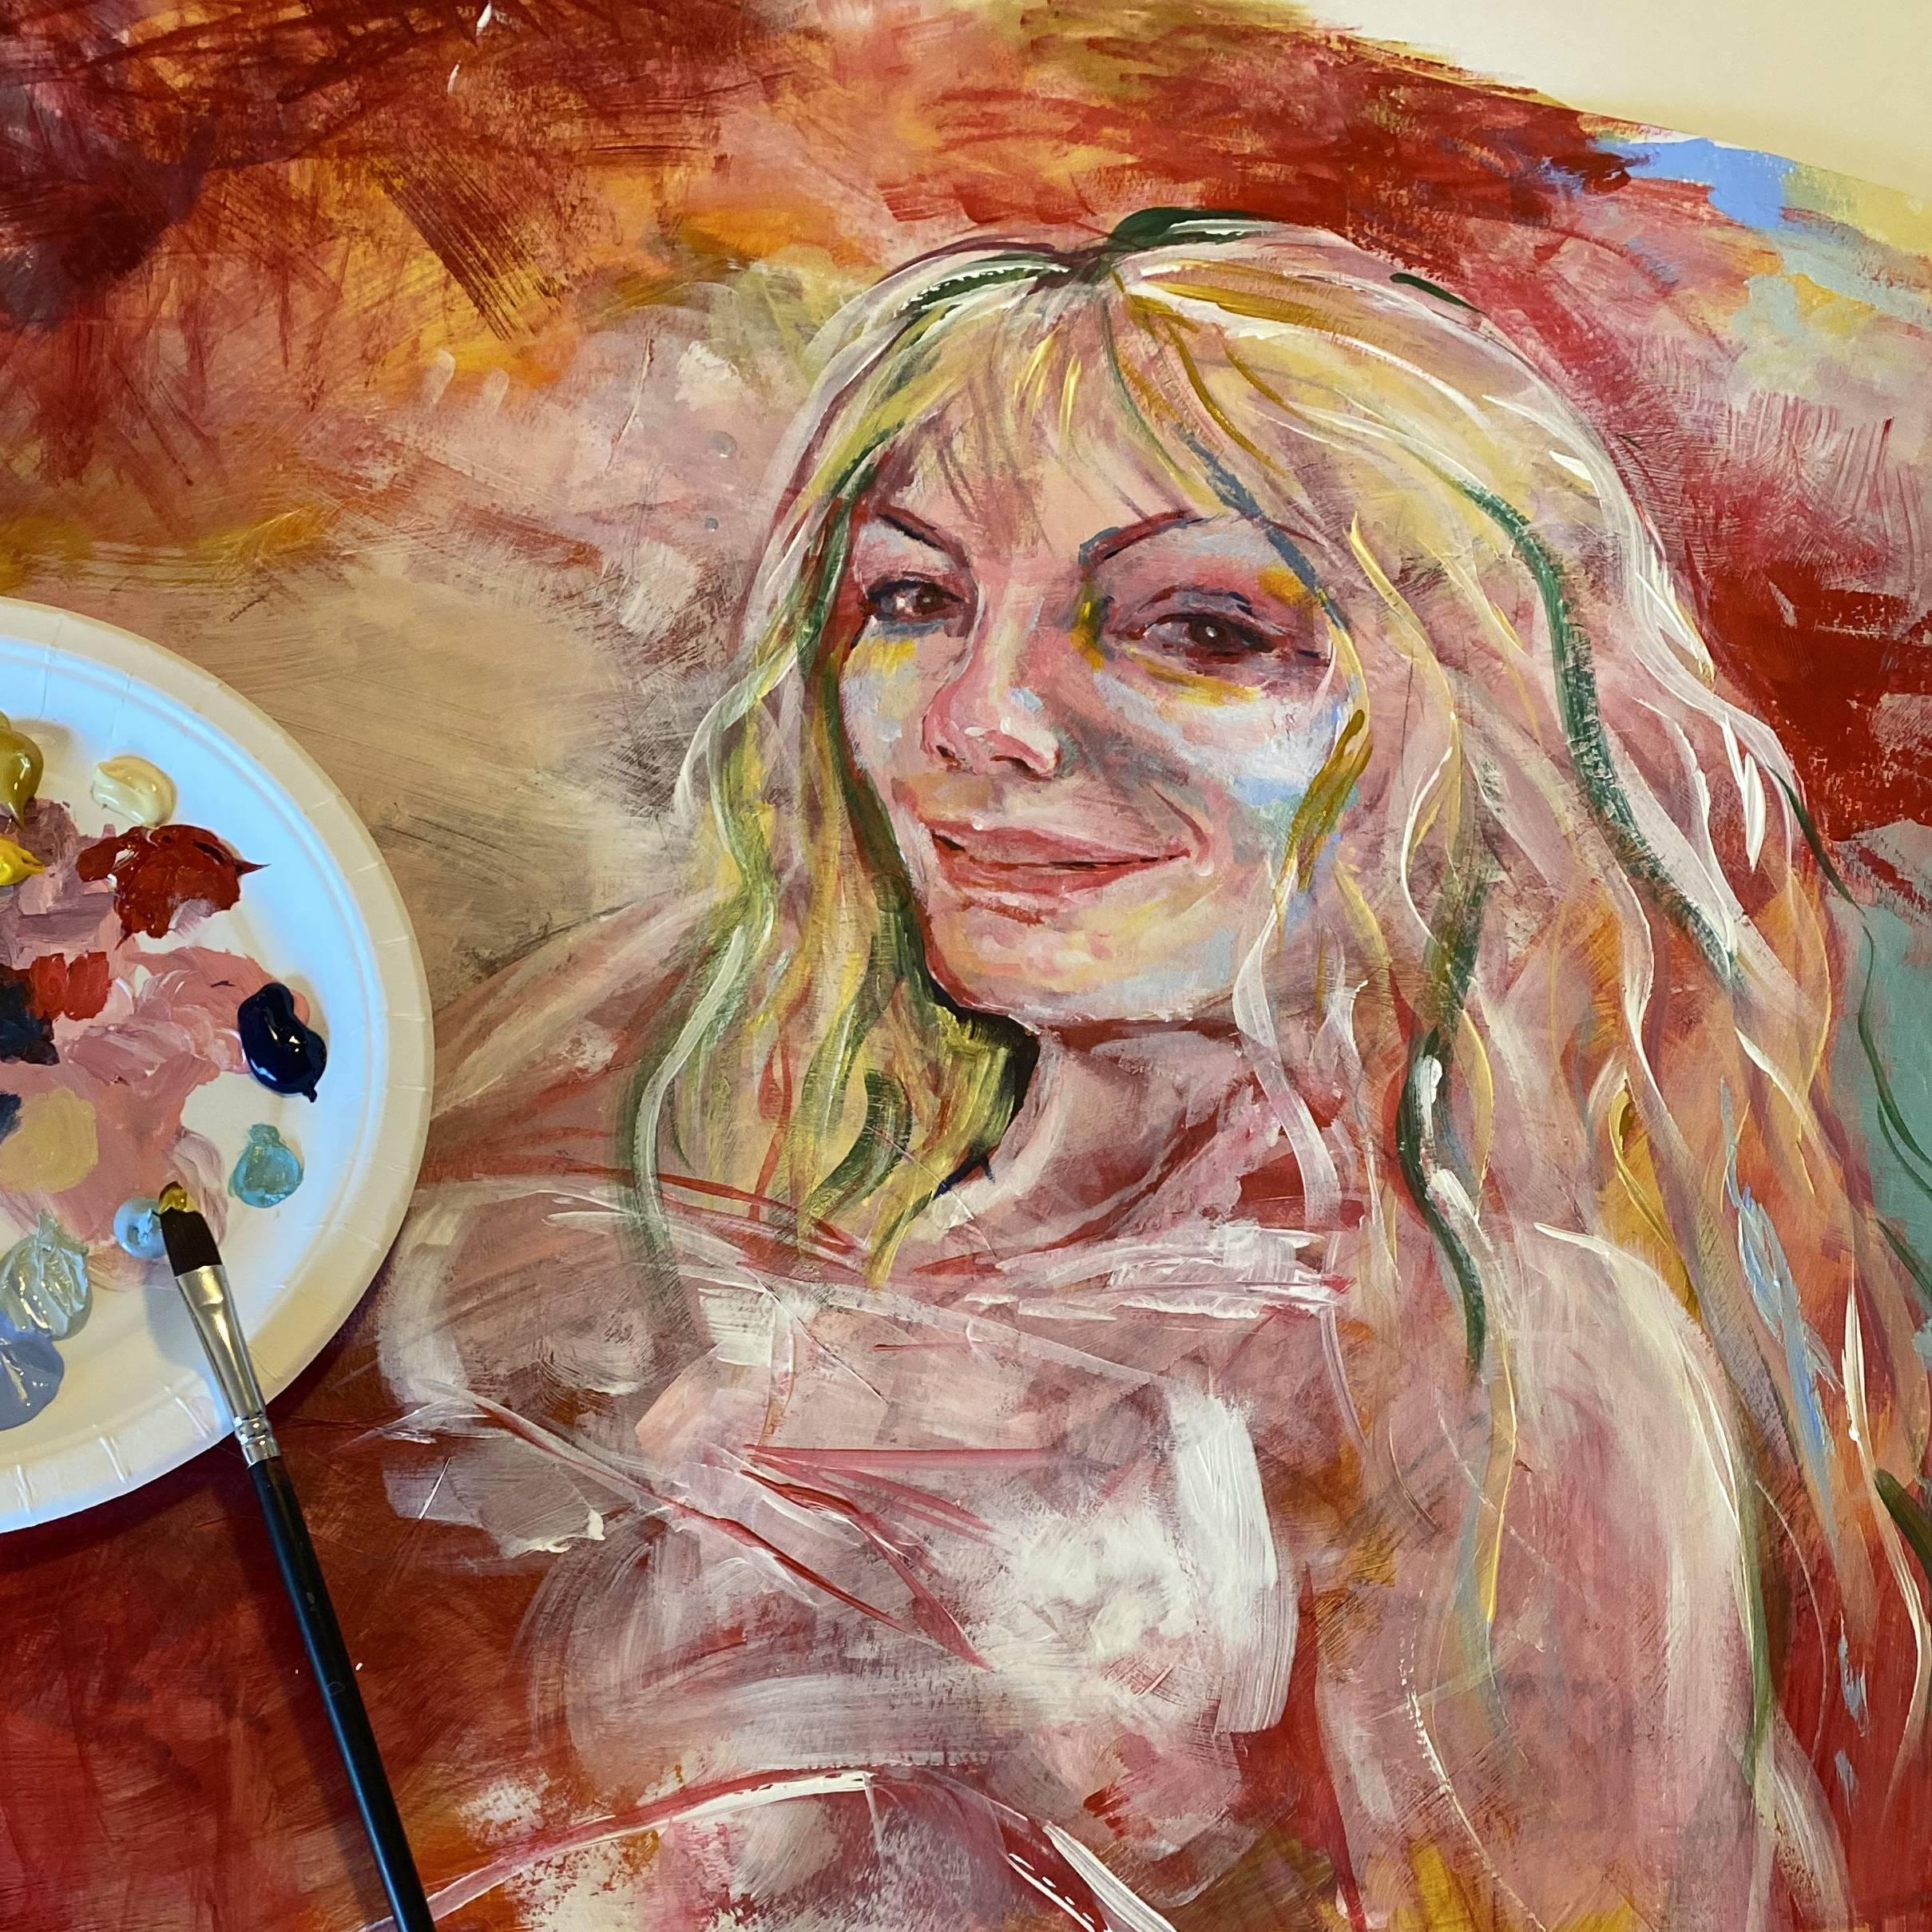 kunstner-dummy-profilbilde